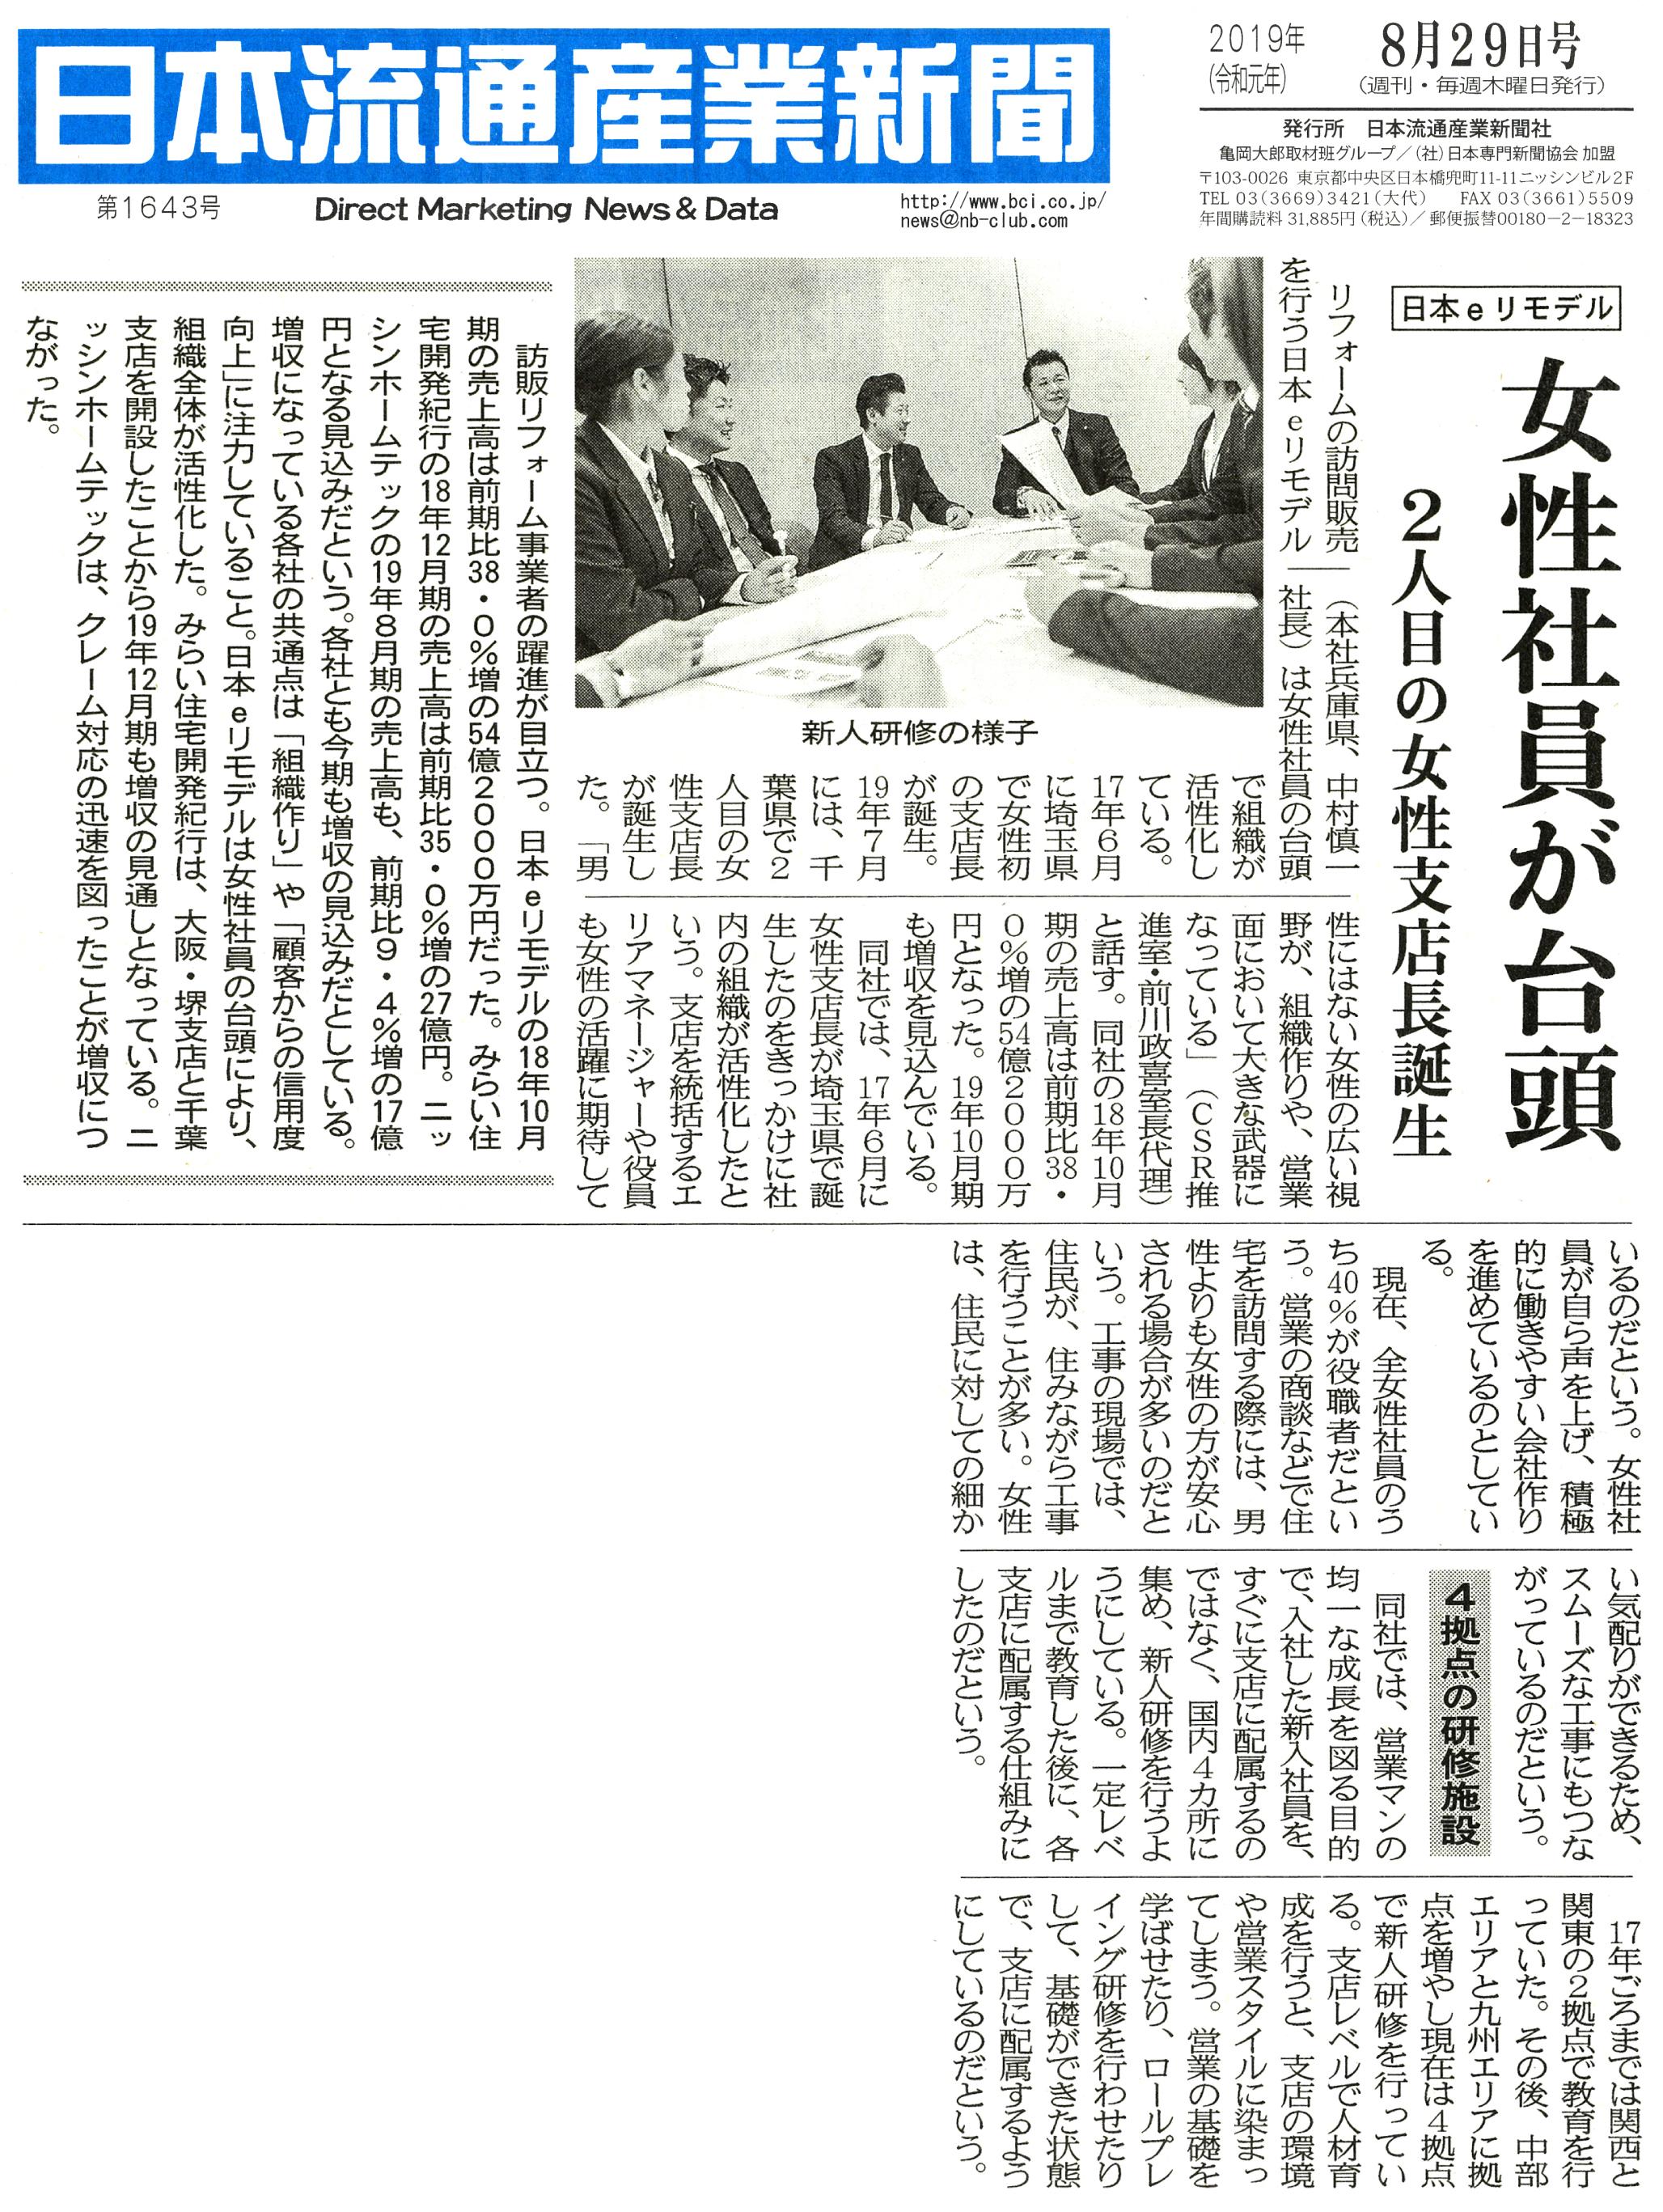 日本流通産業新聞